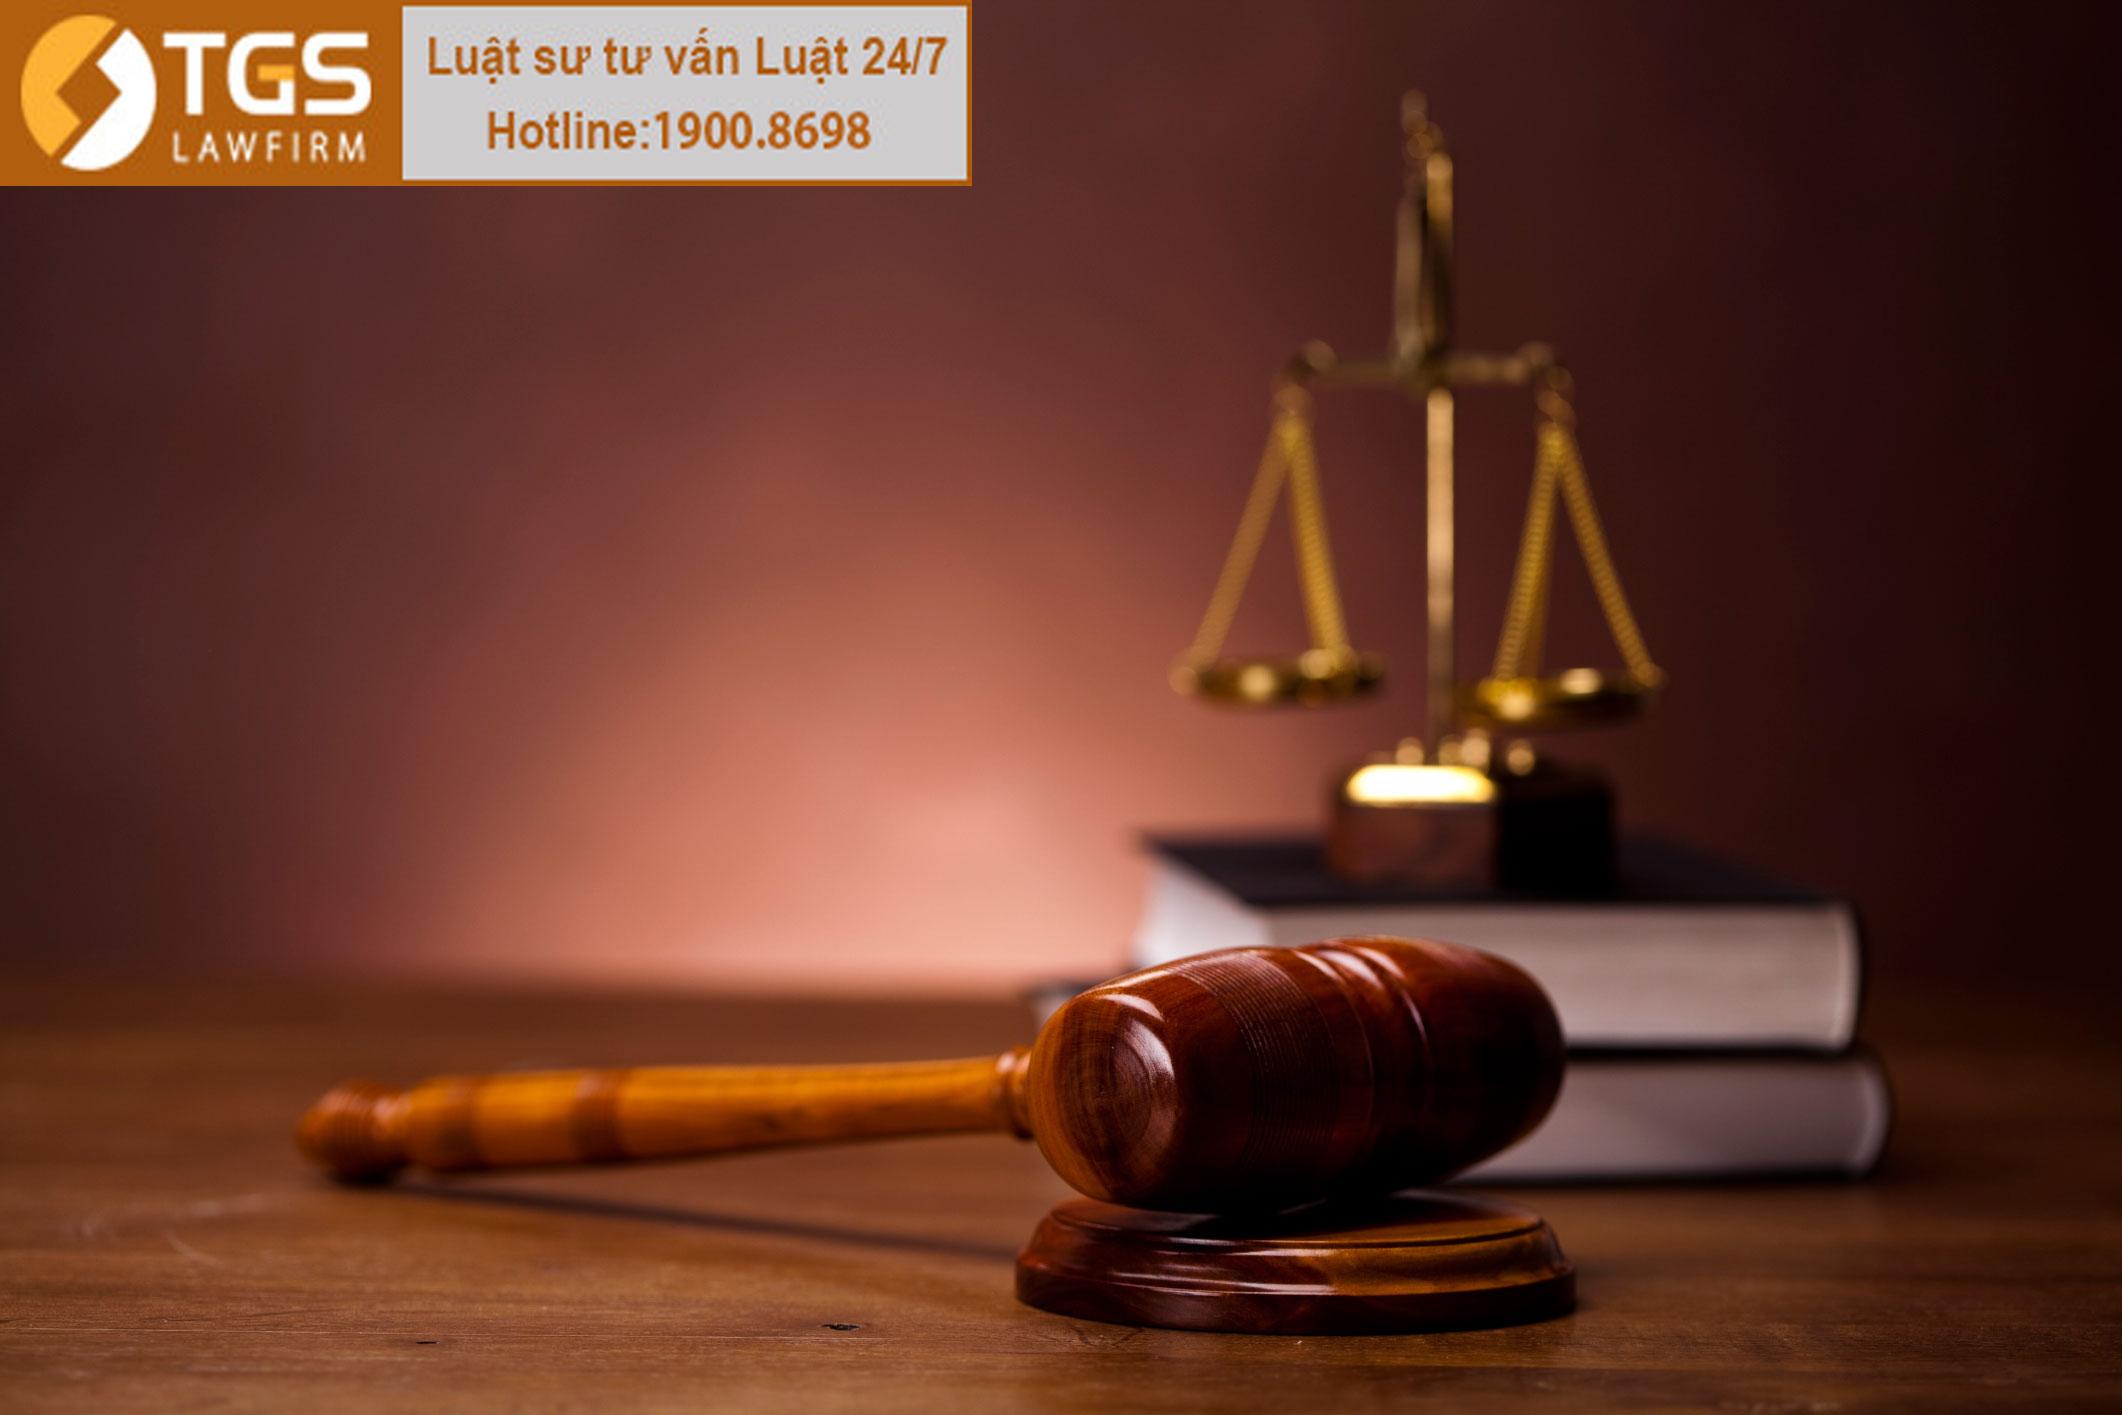 Tìm hiểu về quyết định của tòa án sau 1 năm